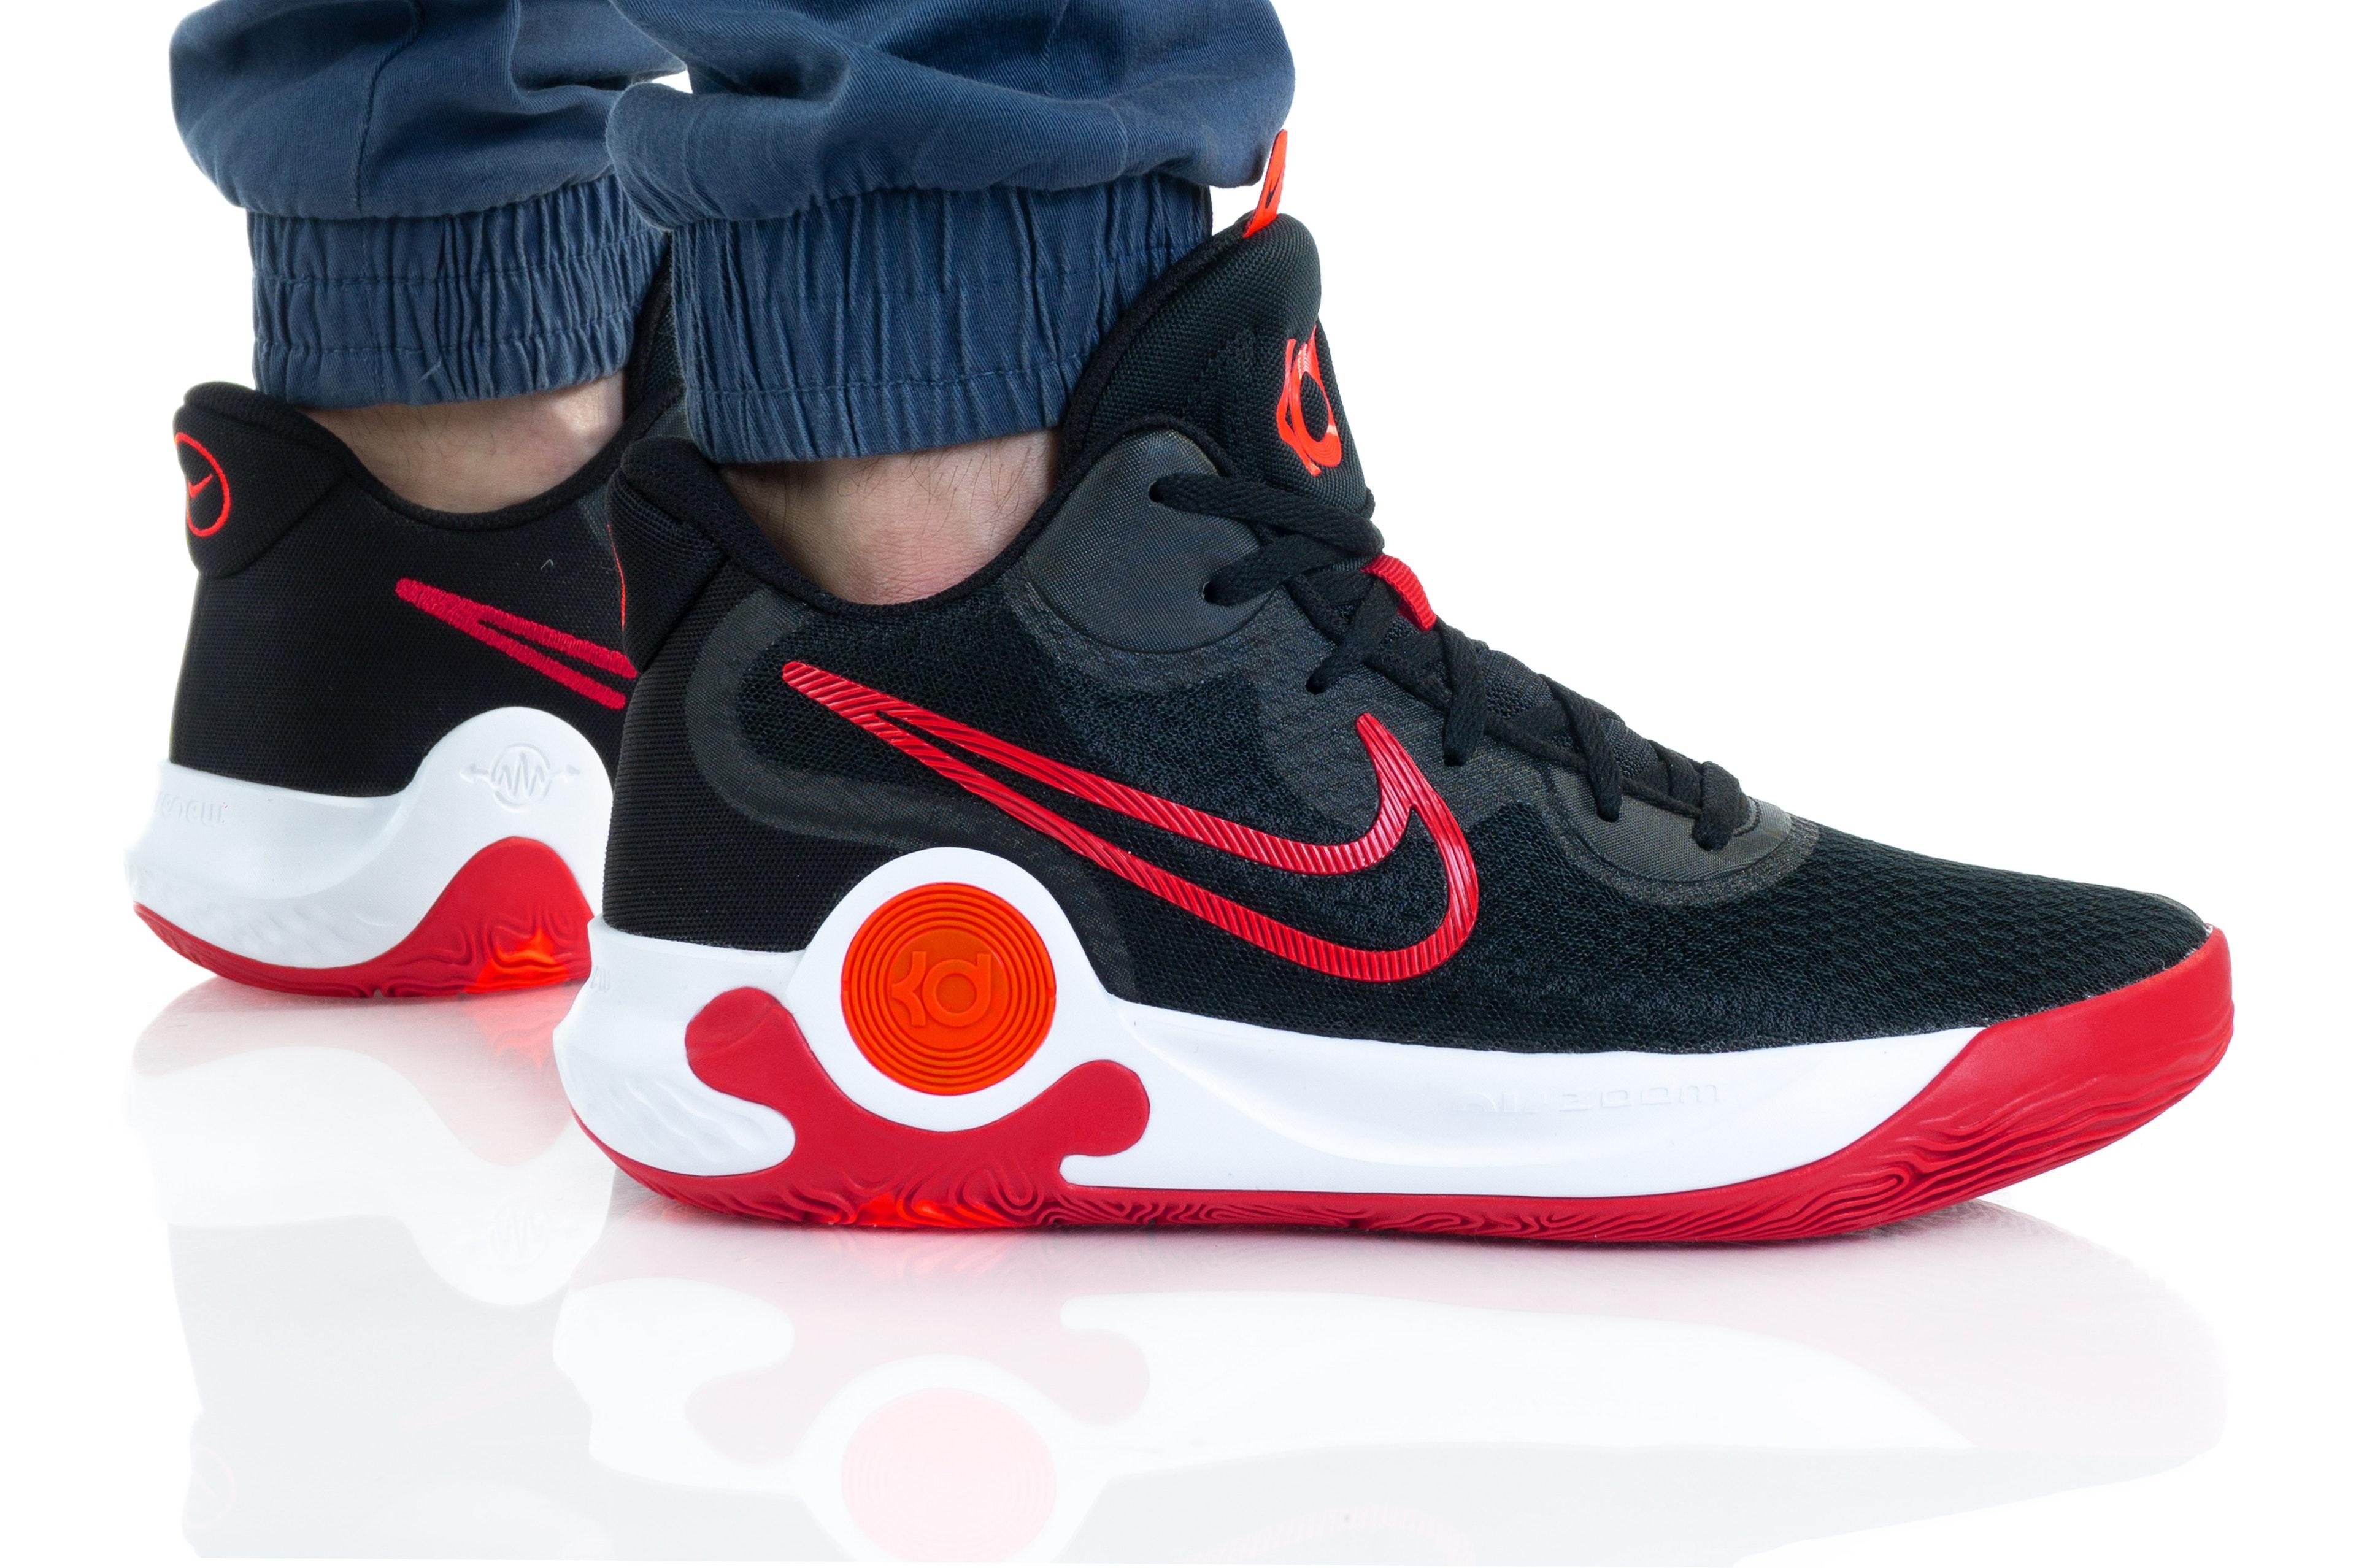 Nike KD TERY 5 IX CW3400-001